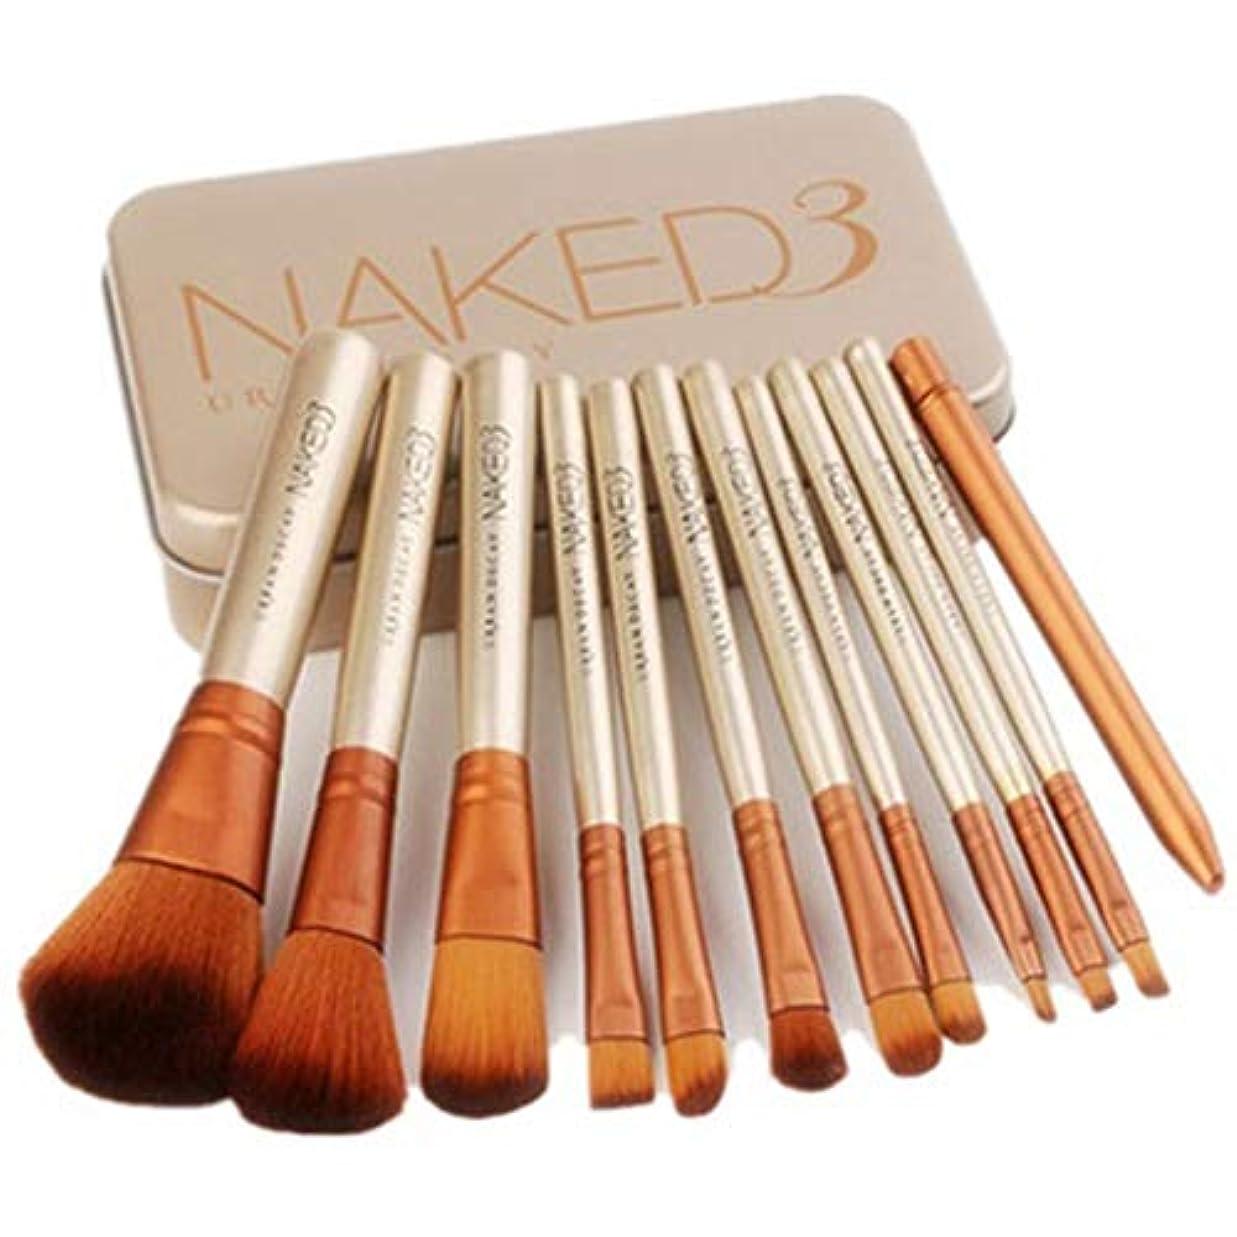 驚くばかり束何よりも初心者用化粧筆のための12の化粧筆美容化粧キット